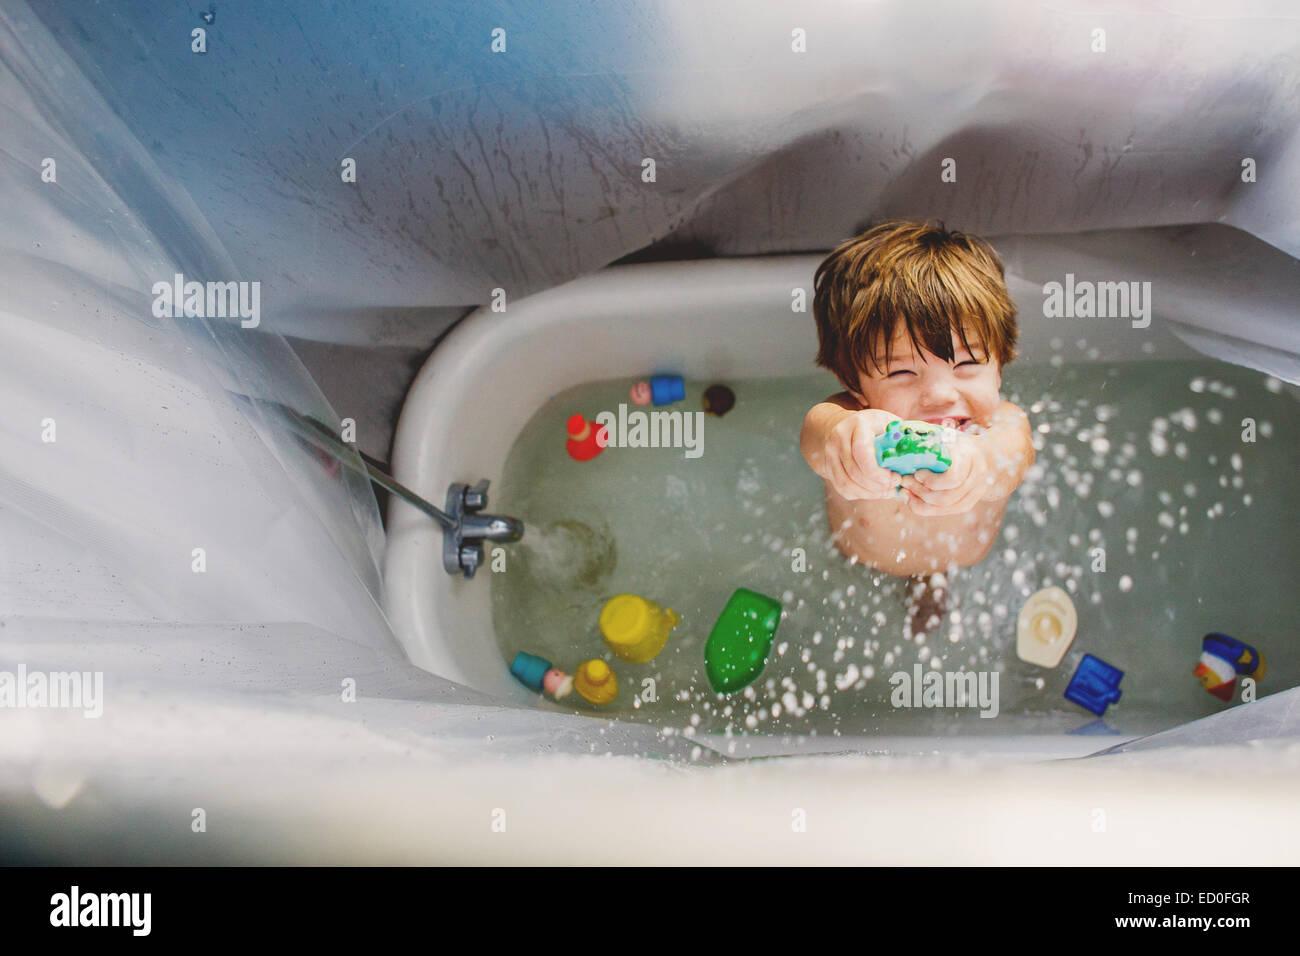 Ragazzo (2-3) giocando con i giocattoli in vasca da bagno Immagini Stock